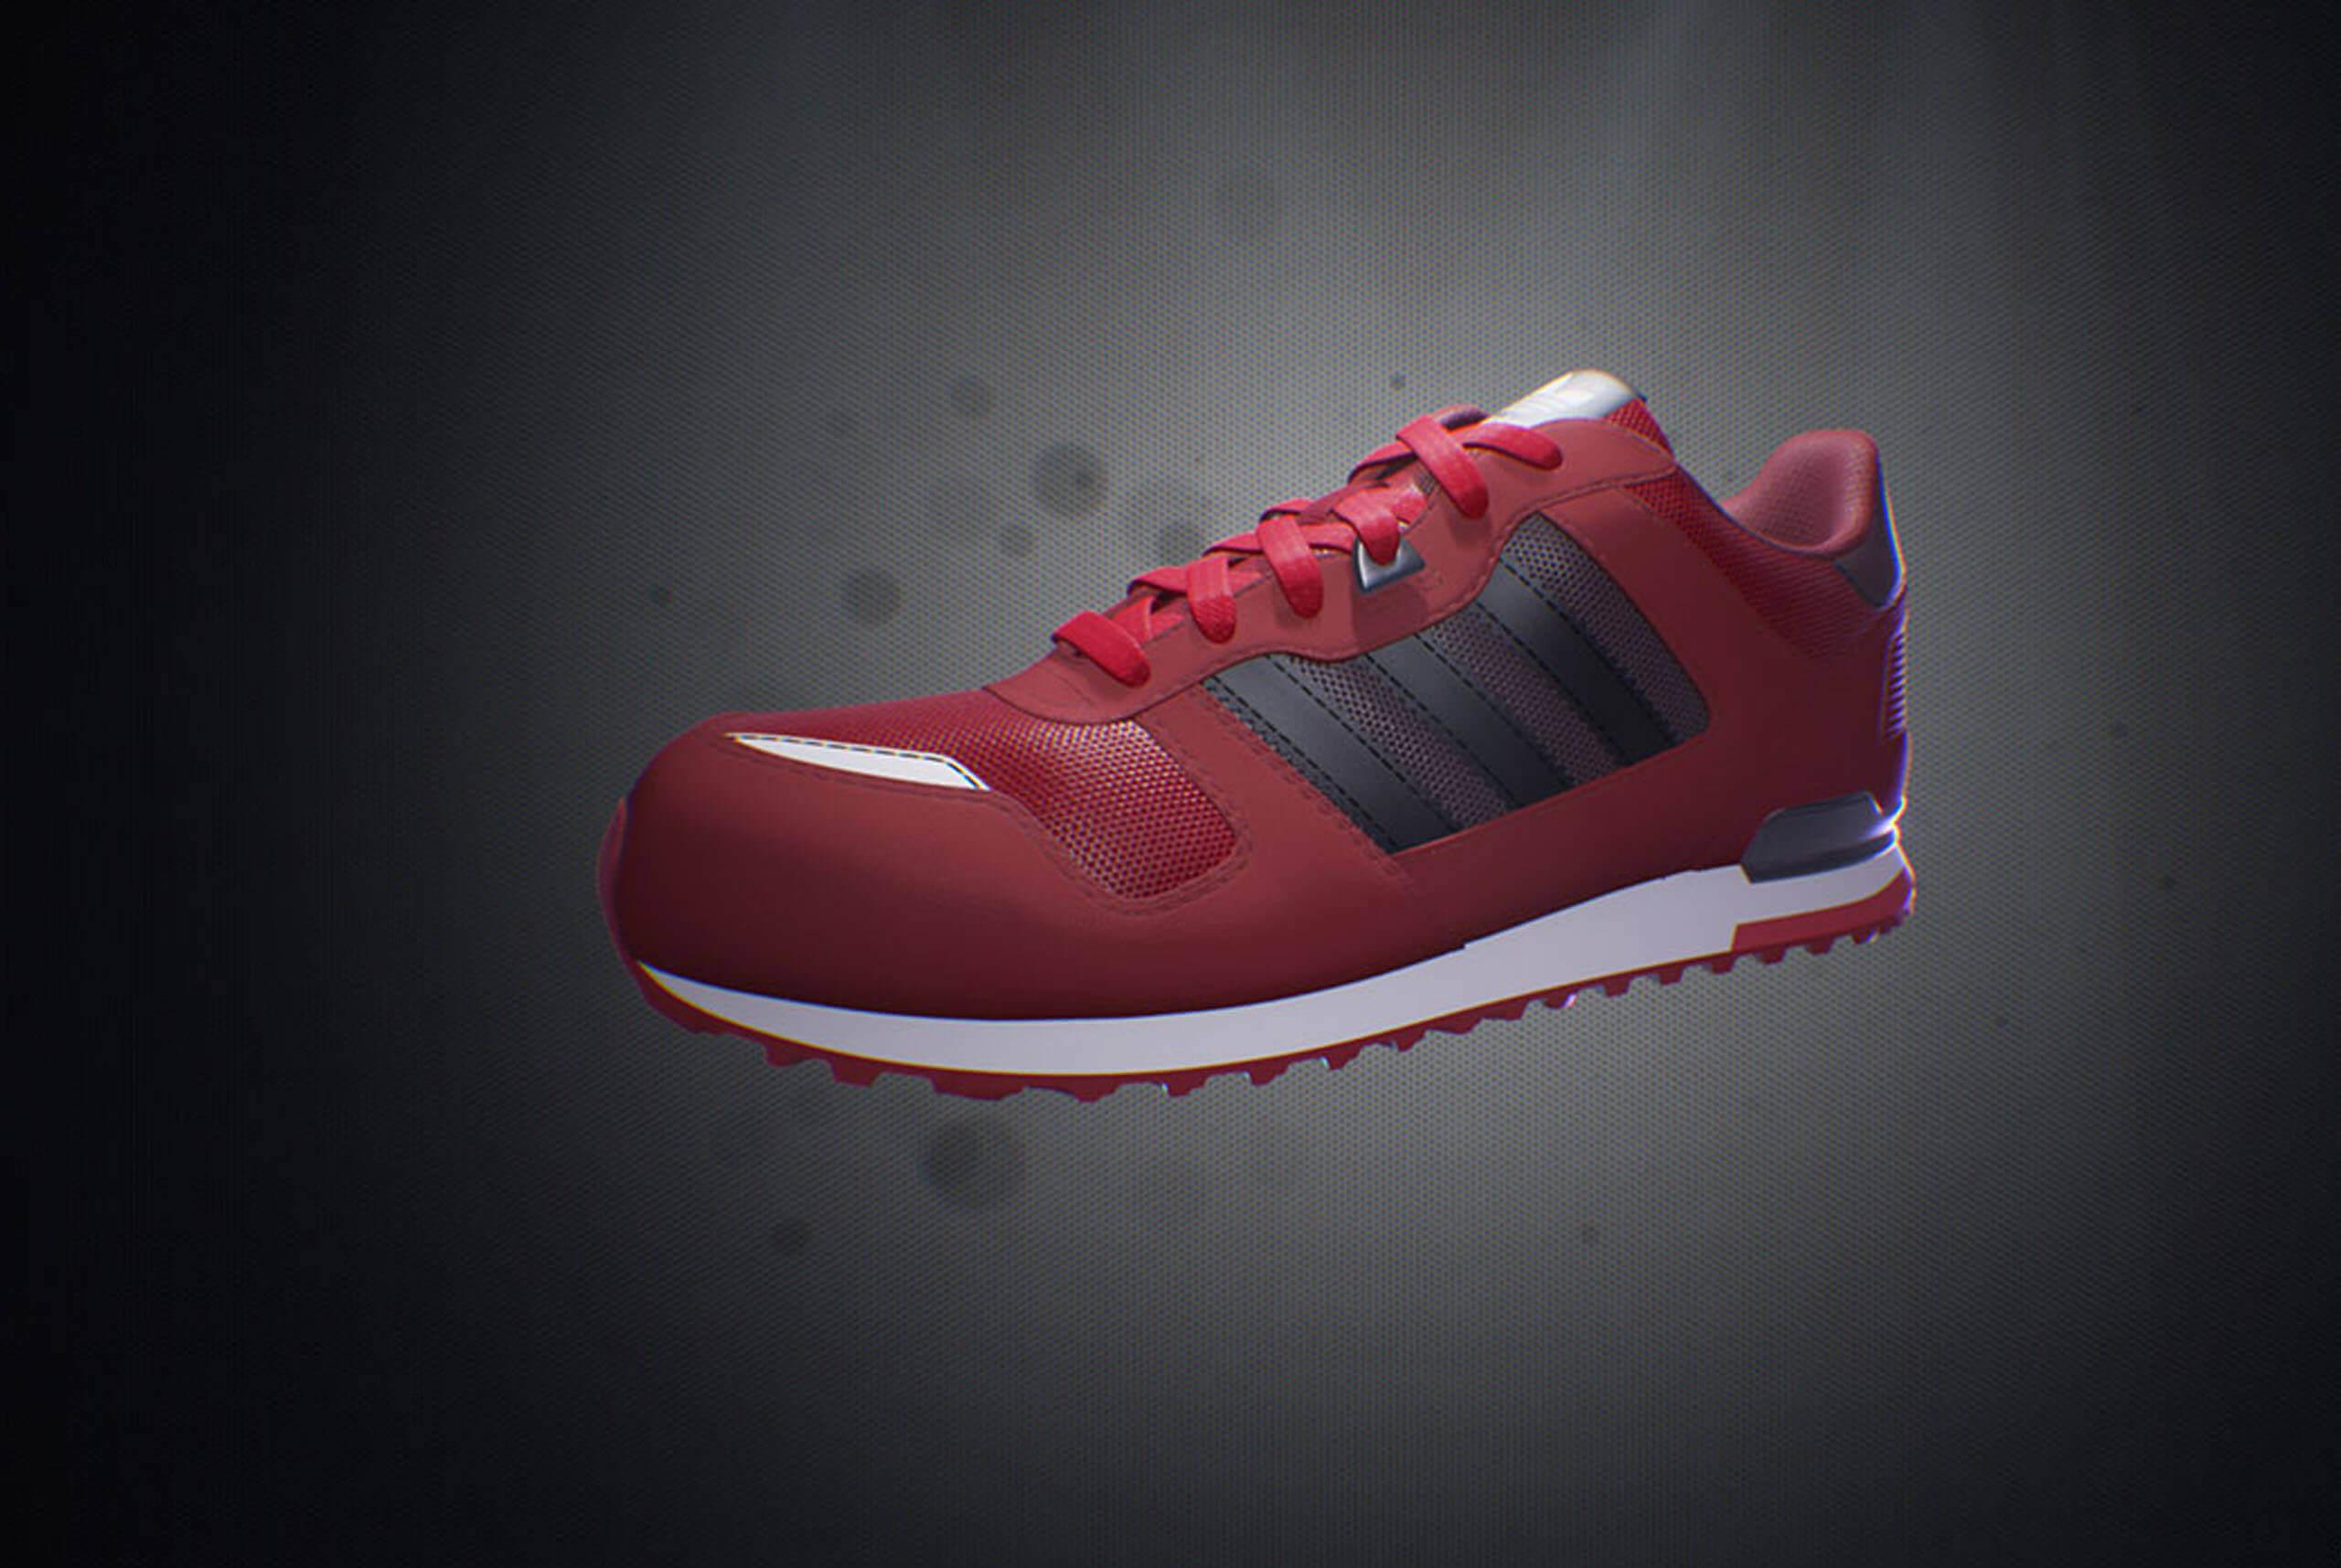 Adidas Shoes Virtual Store mld digits gmbh